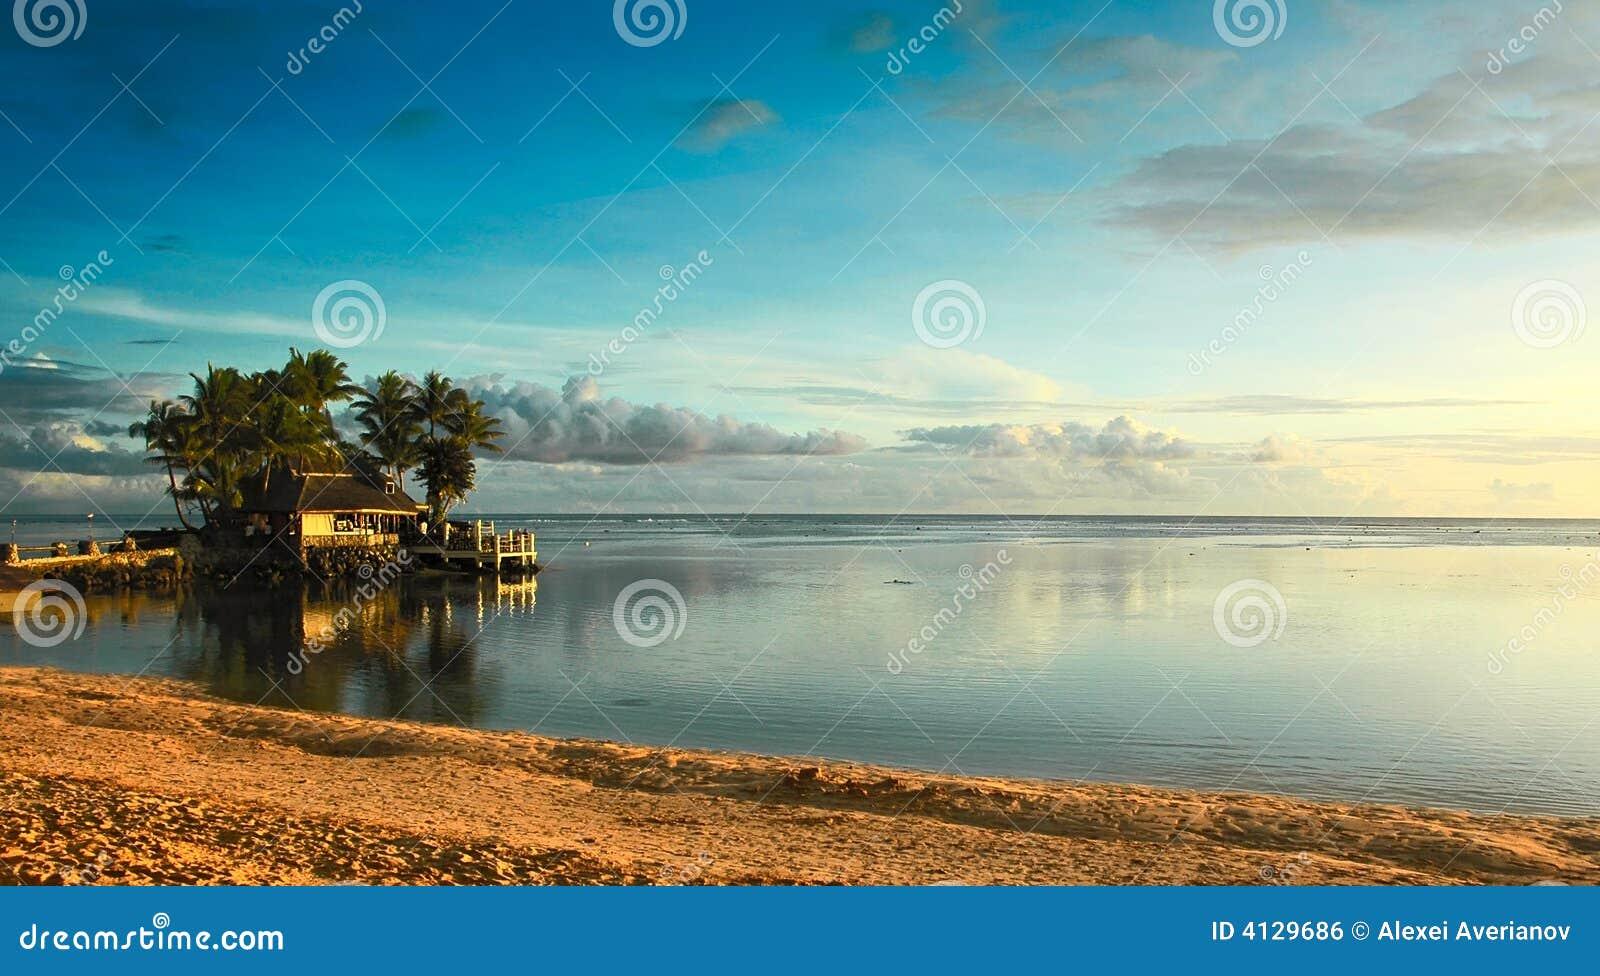 De zonsondergang van Fiji